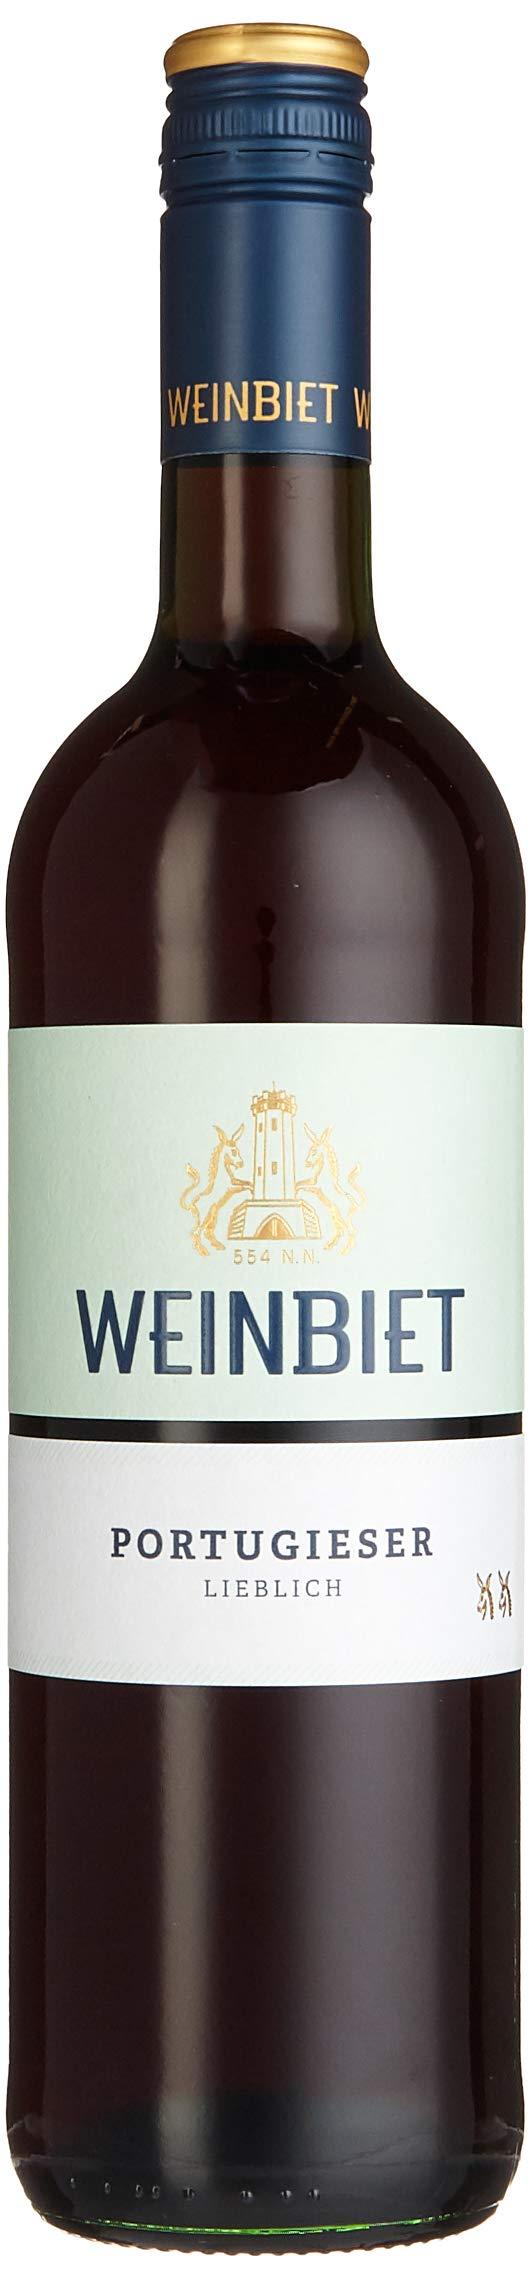 Winzergenossenschaft-Weinbiet-Portugieser-lieblich-Mubacher-Eselshaut-Lieblich-6-x-075-l